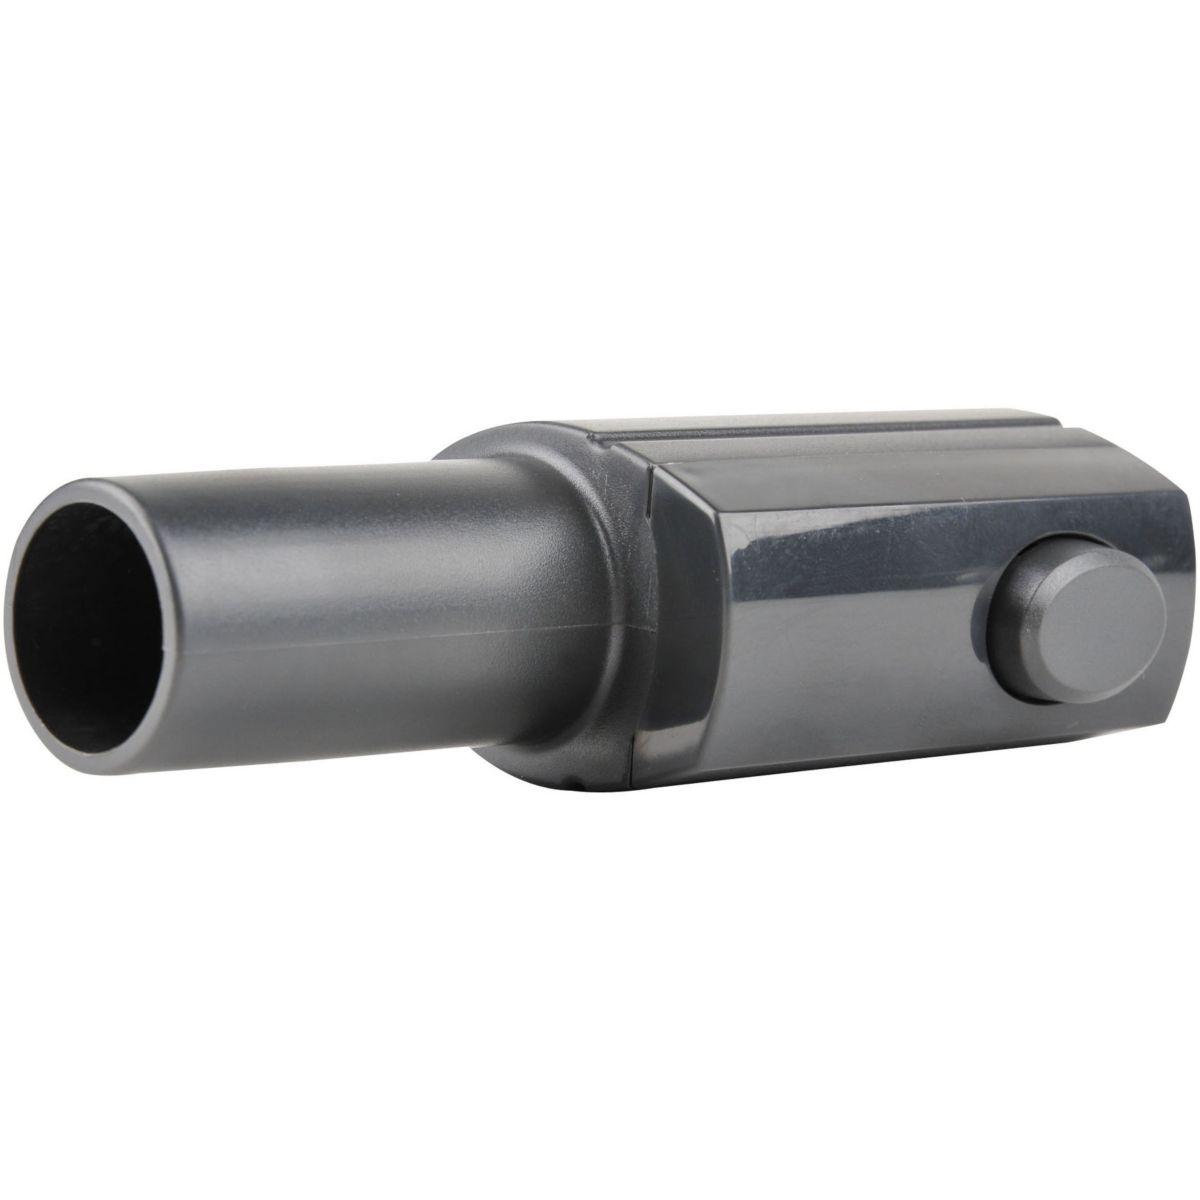 Adaptateur flexible ELECTROLUX ZE 050 (32 mm)